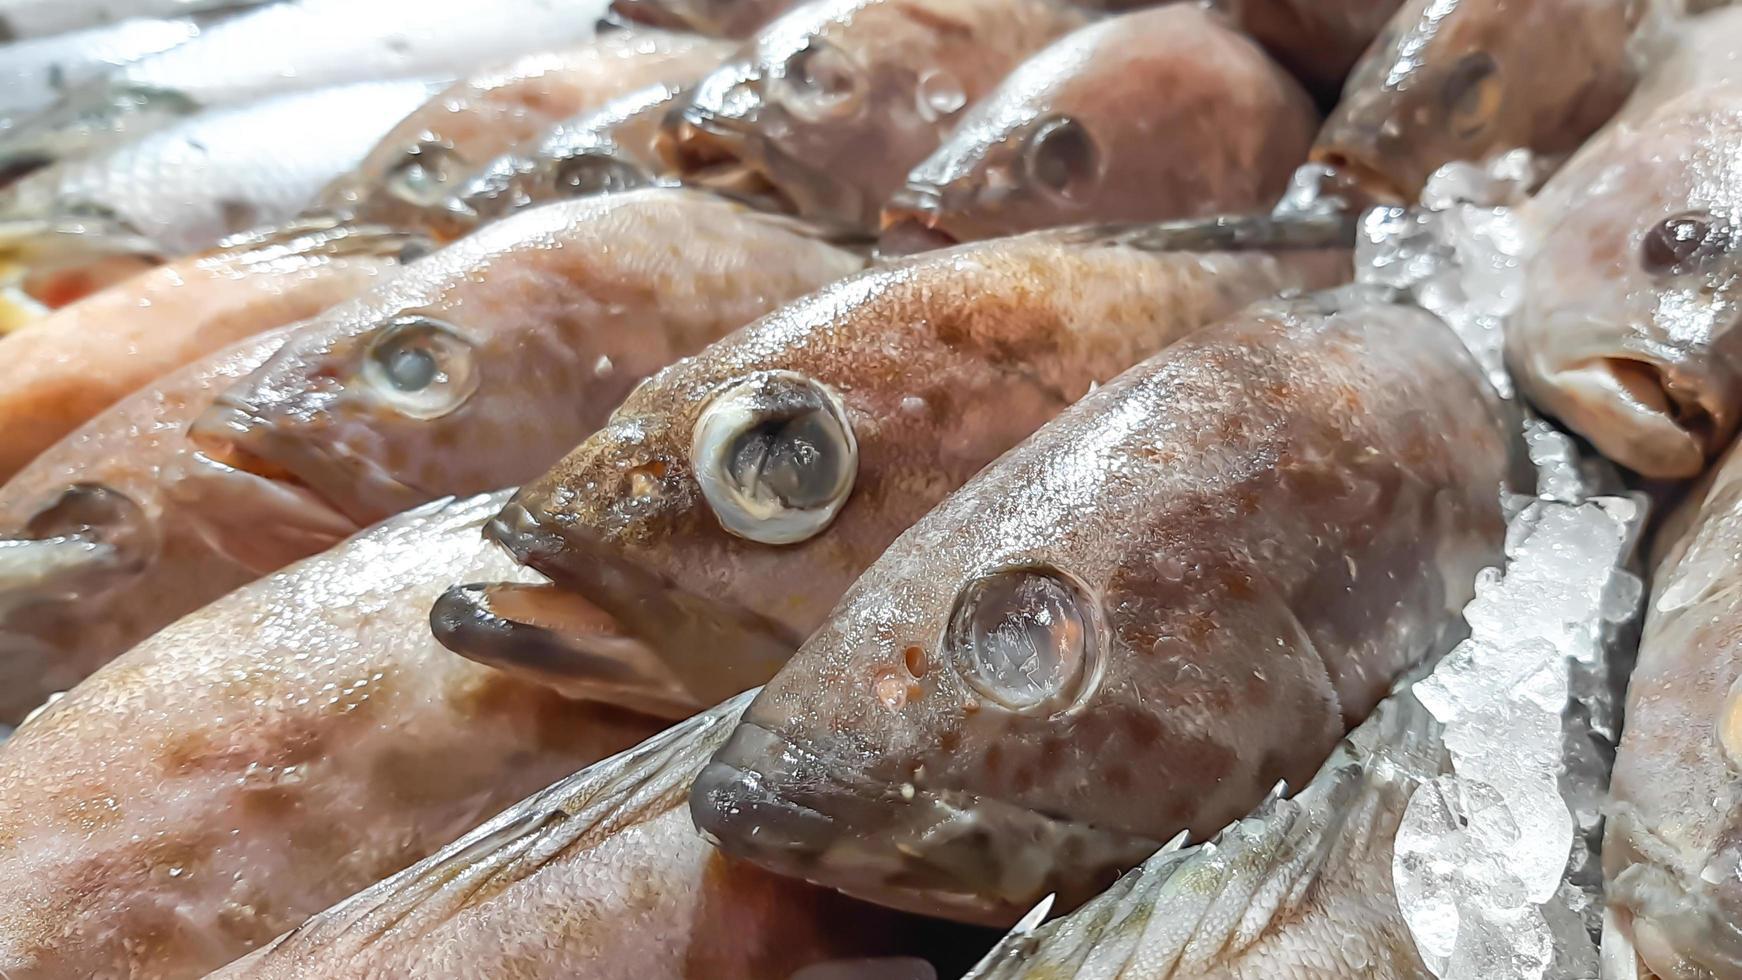 gros plan du poisson frais cru sur glace dans l'échoppe de marché de fruits de mer photo